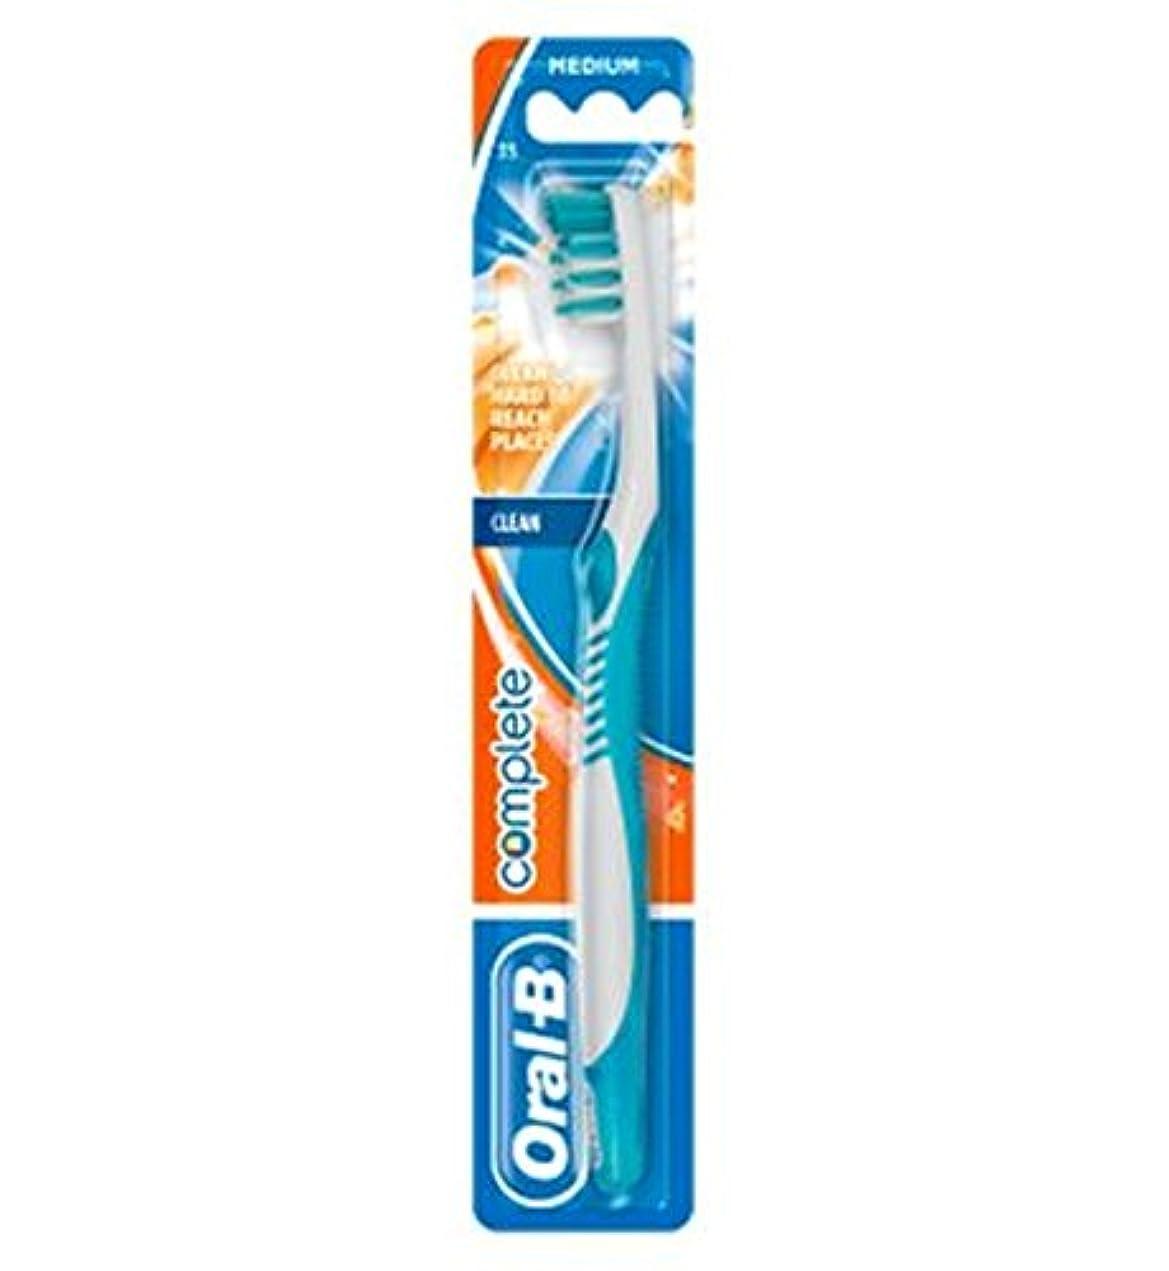 第四マインドシルクOral-B Advantage Plus 35 Med Toothbrush - オーラルB?アドバンテージ?プラス35 Med歯ブラシ (Oral B) [並行輸入品]